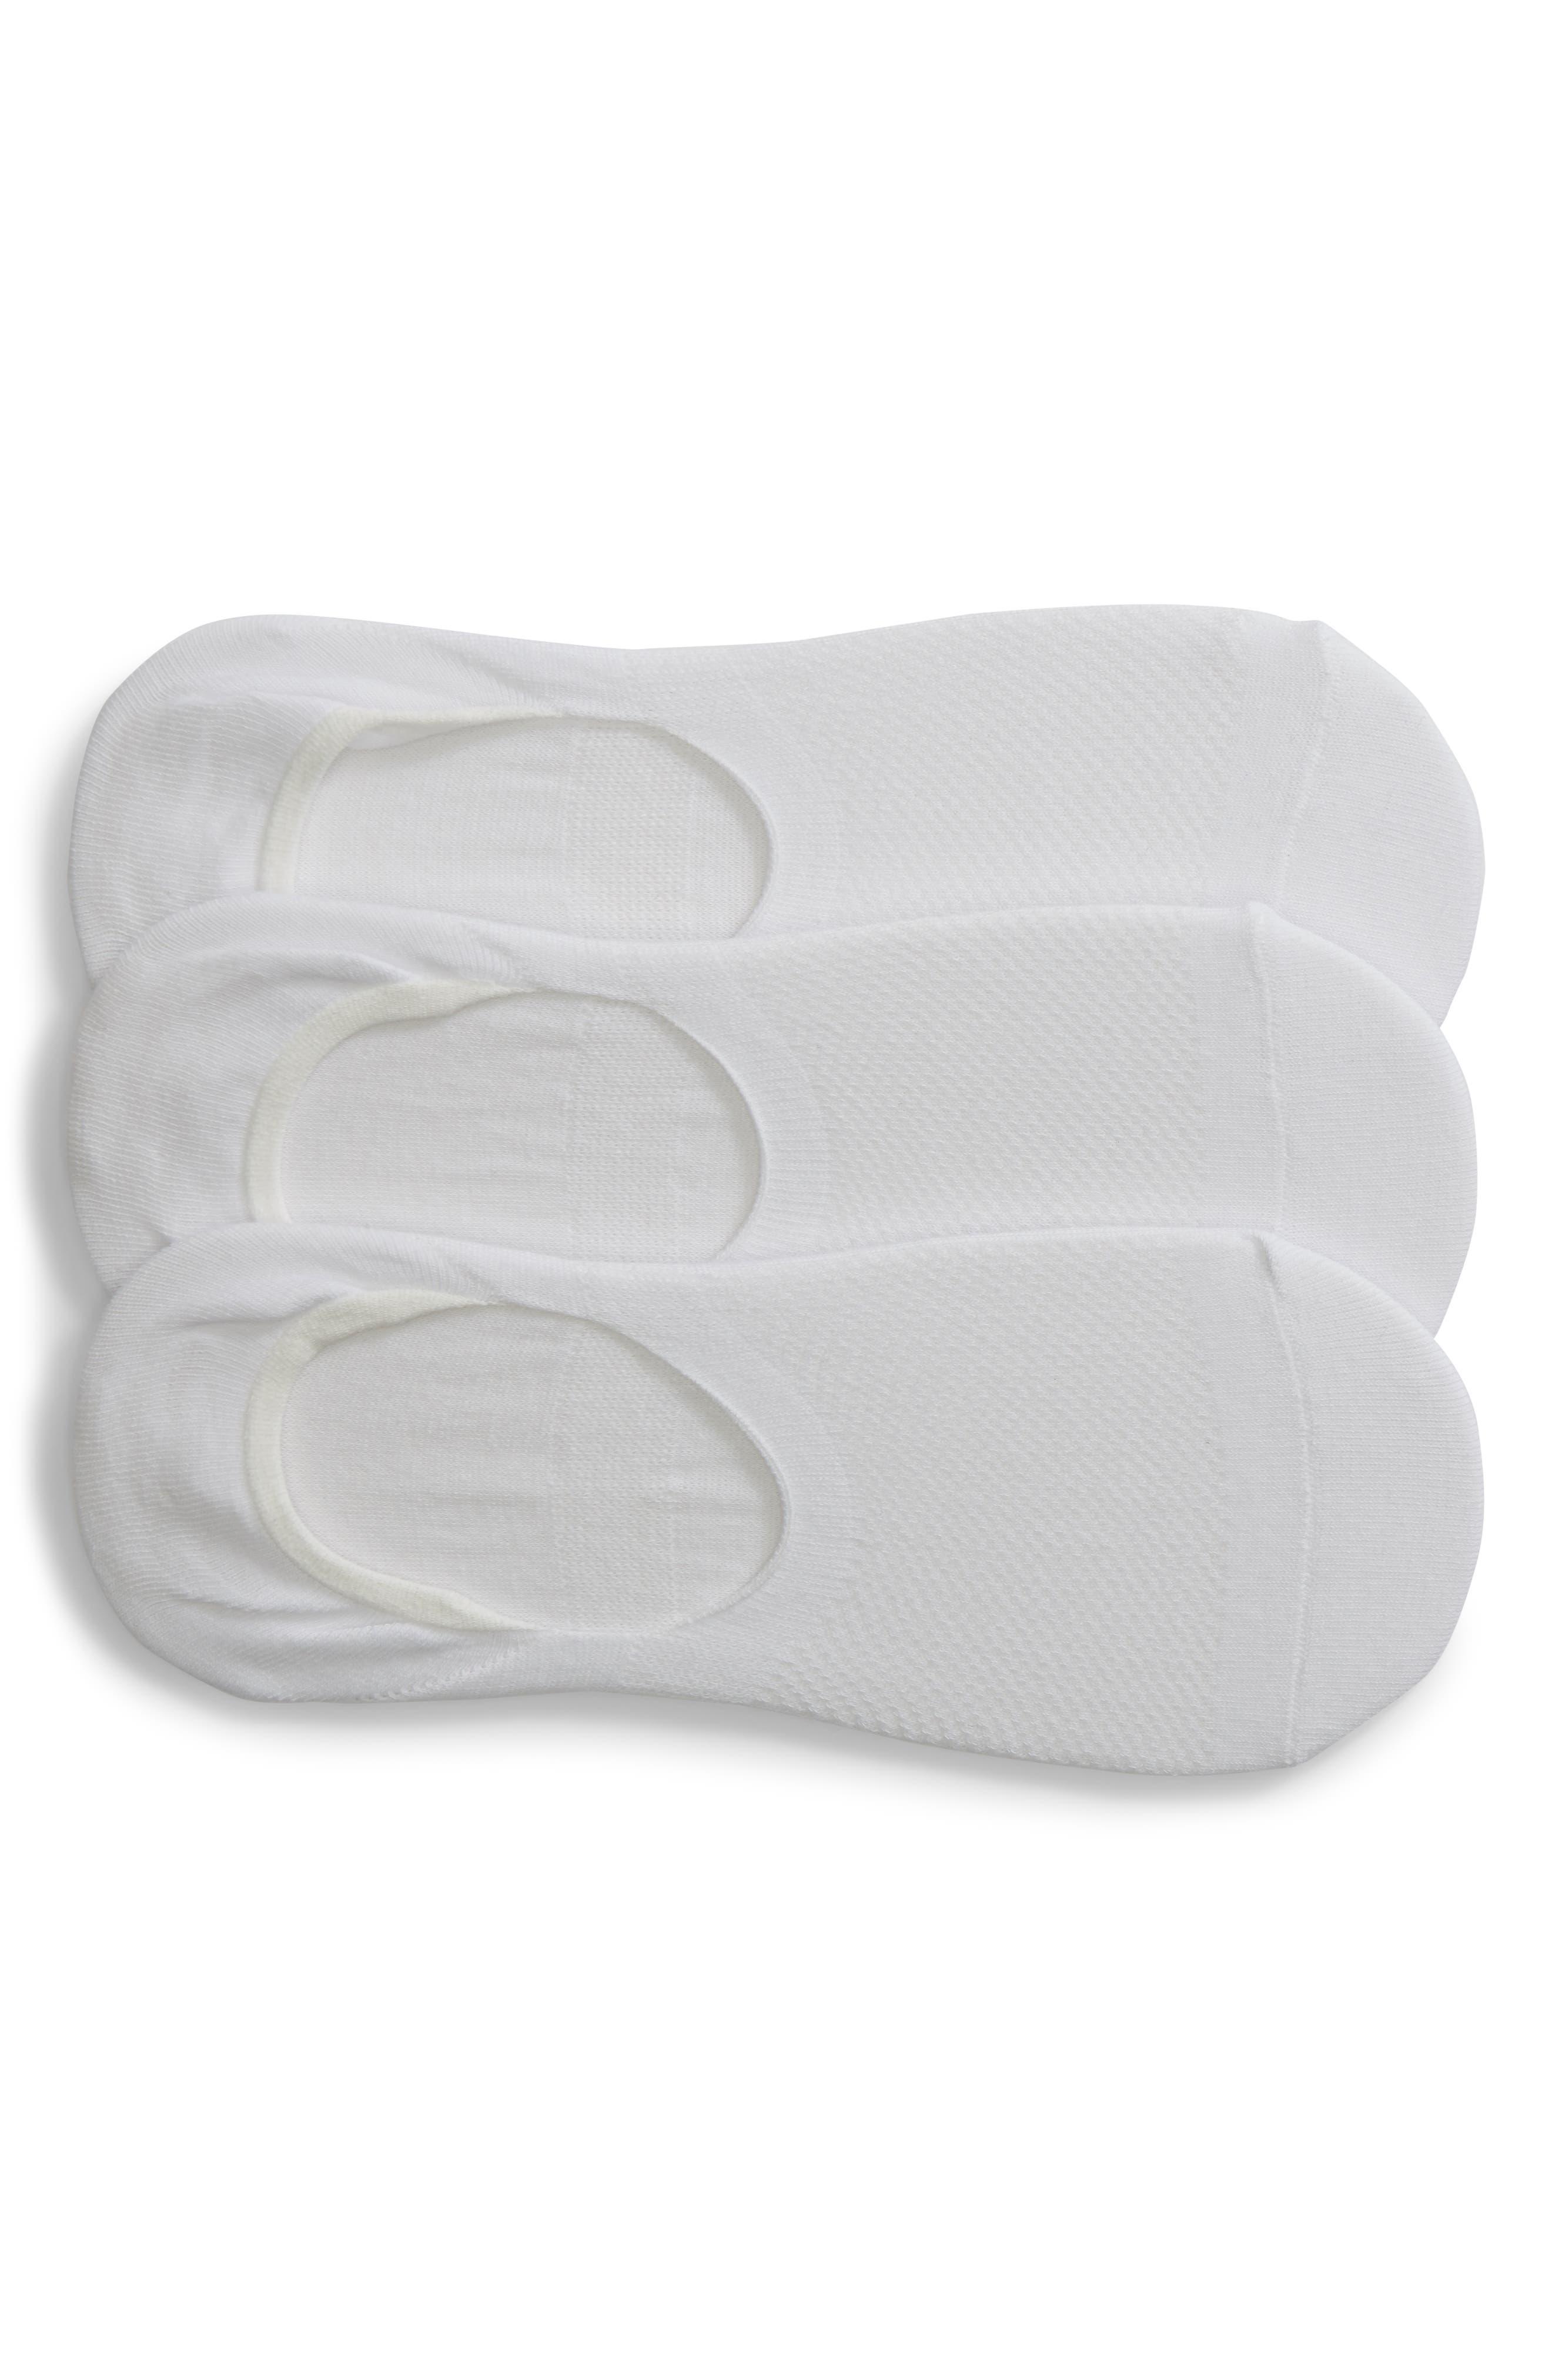 NORDSTROM 3-Pack Liner Socks, Main, color, WHITE